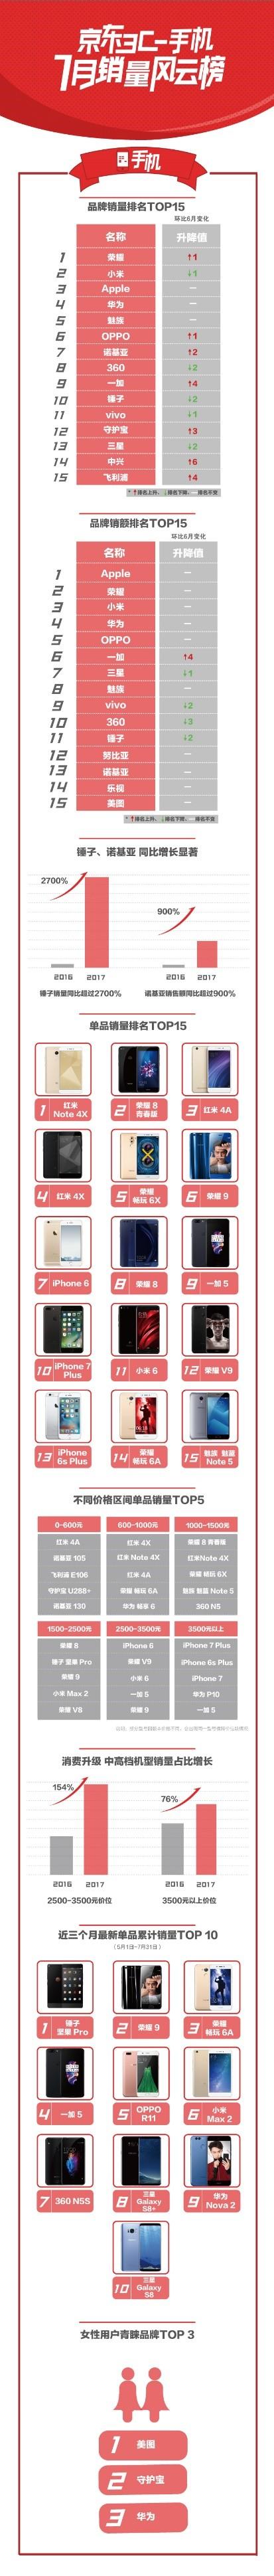 想知道大家都在用什么手机么?来看看京东发布的7月手机销量排名